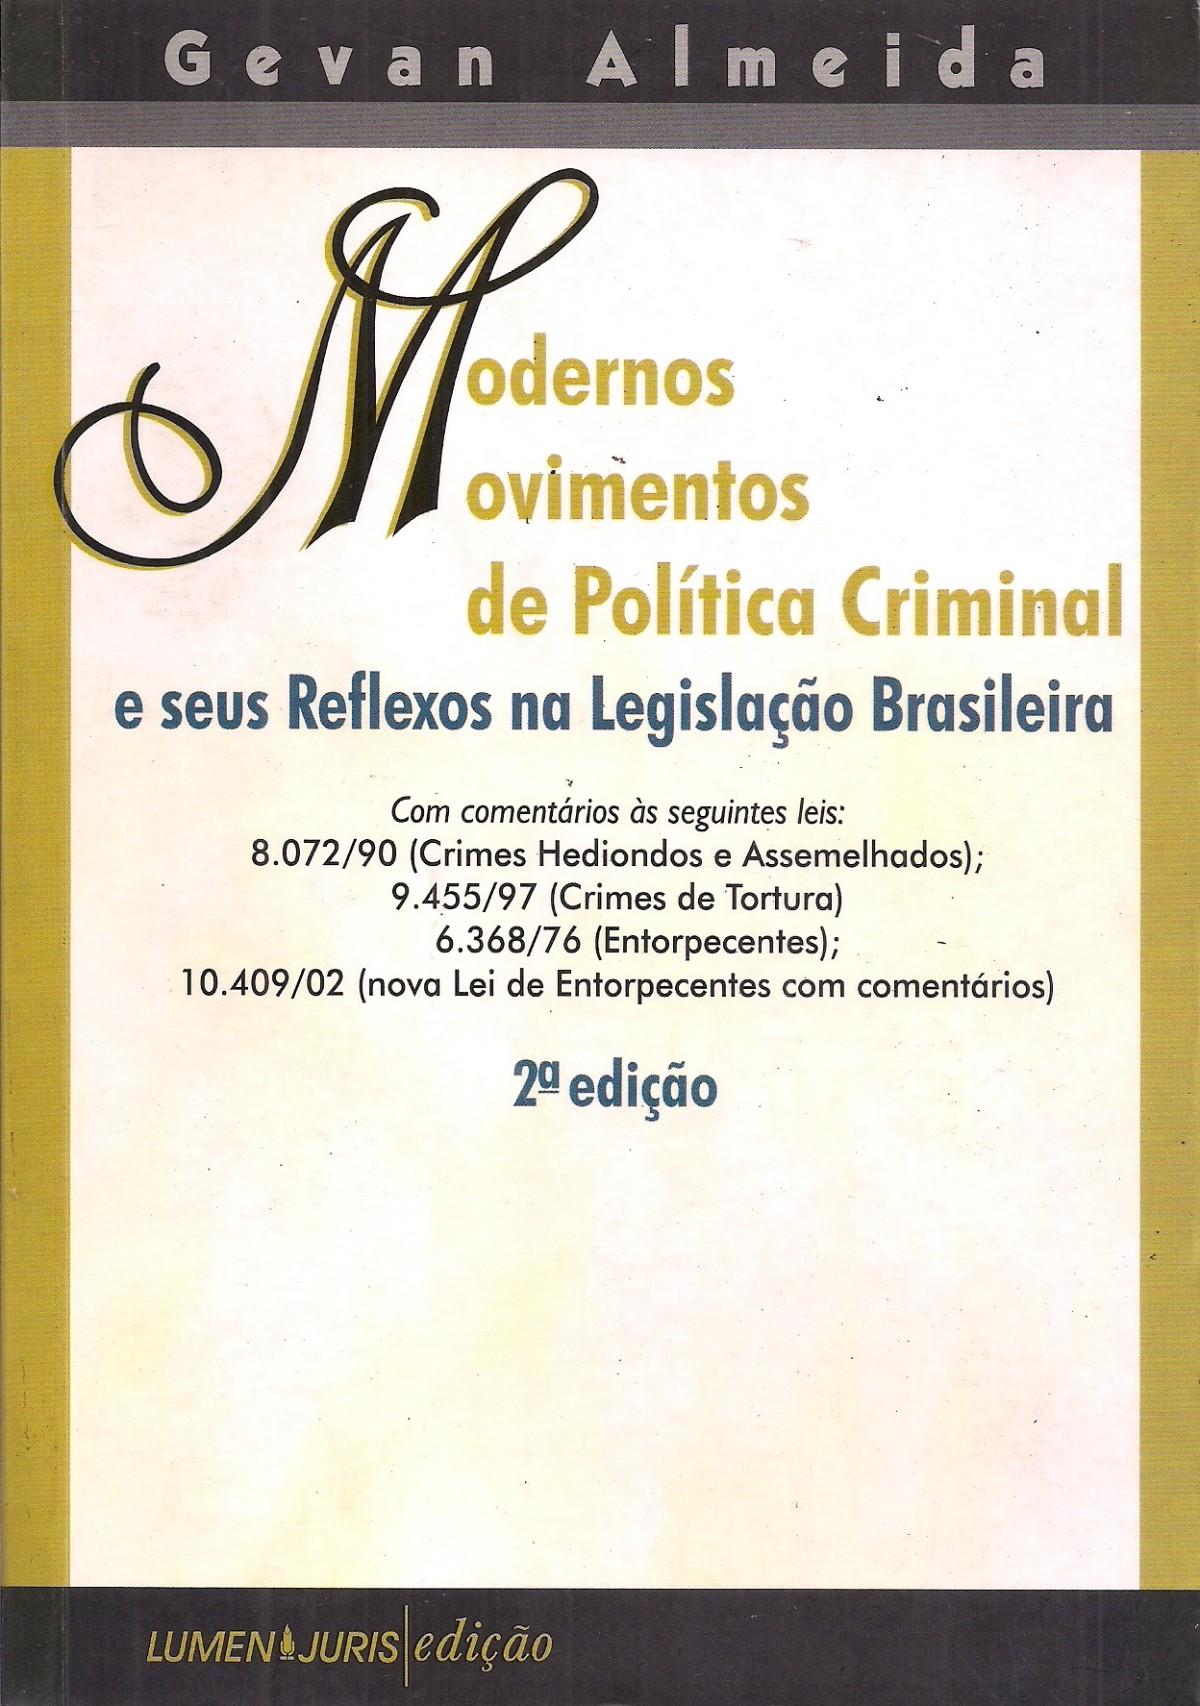 Foto 1 - Modernos Movimentos de Política Criminal e seus Reflexos na Legislação Brasileira